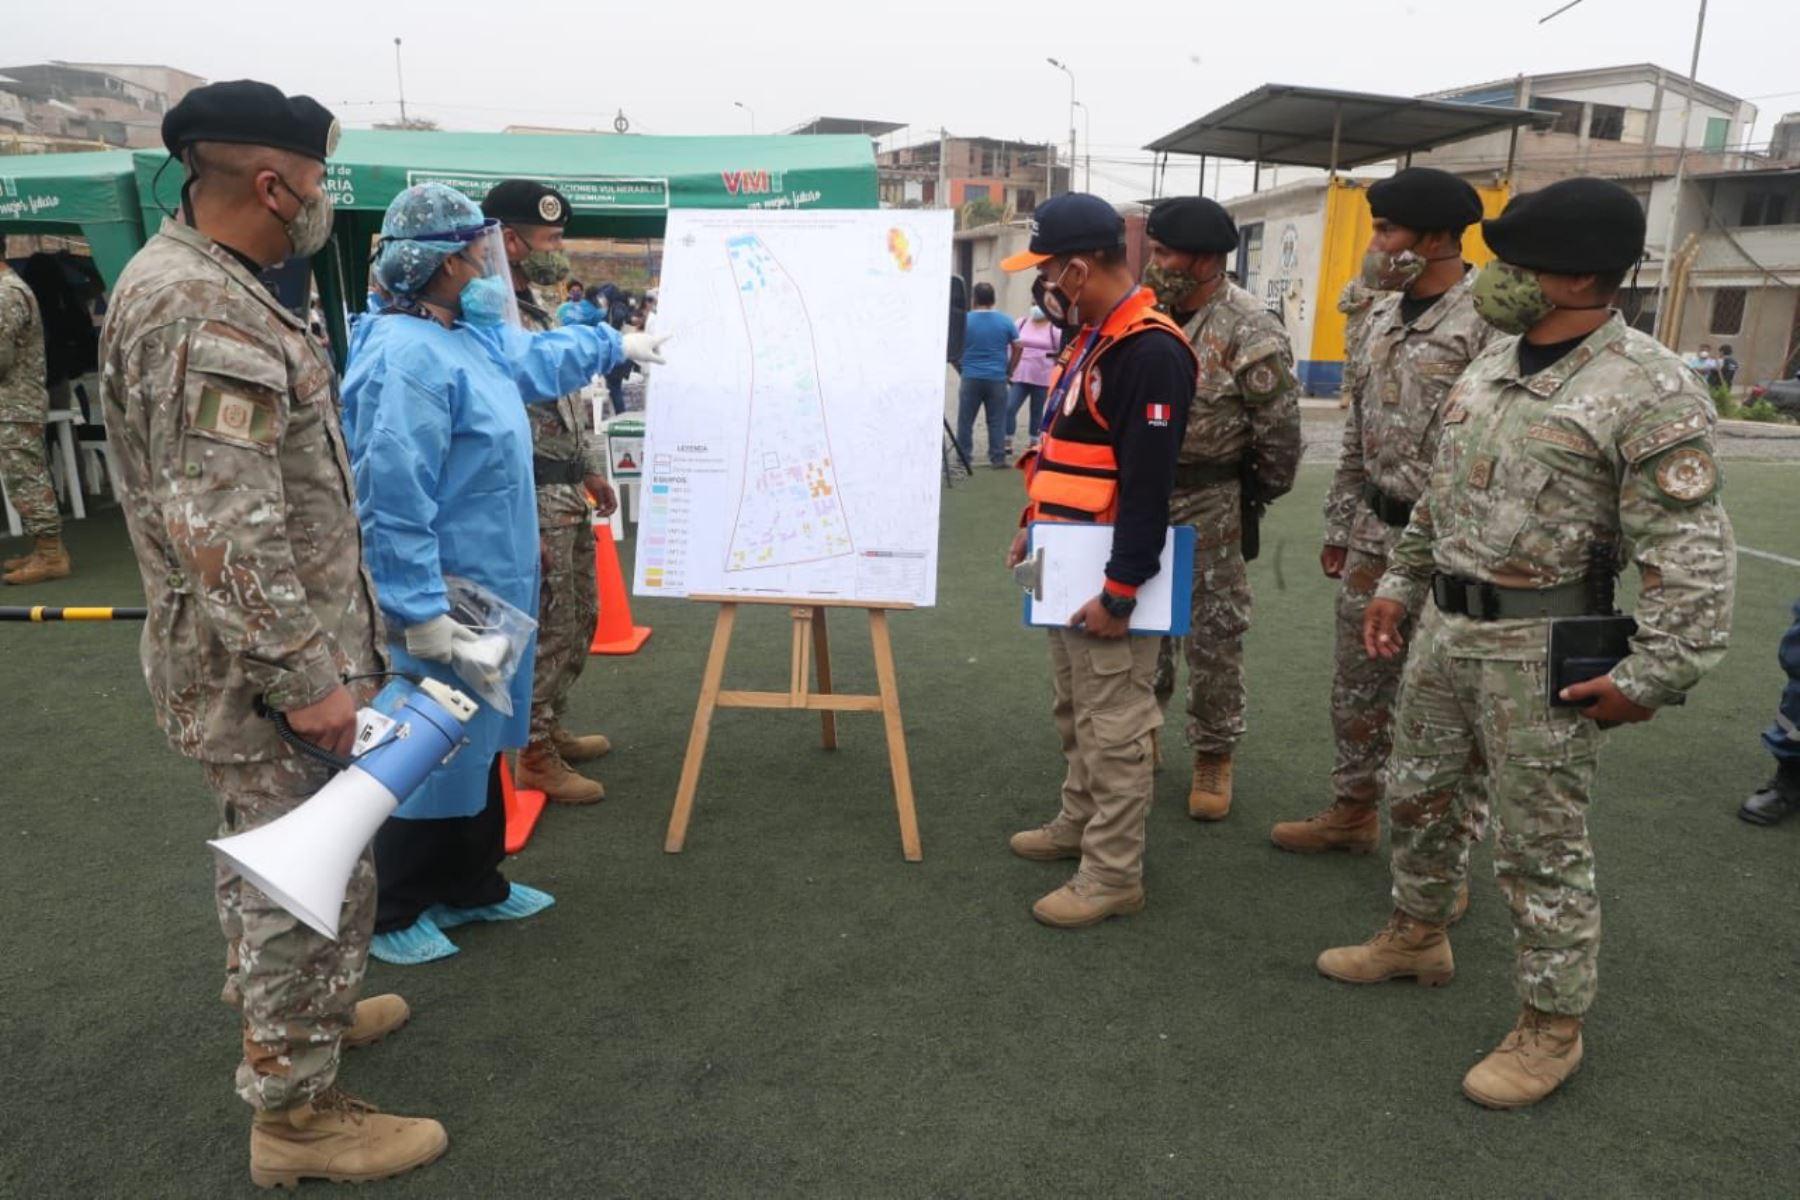 Fuerzas Armadas están desplegadas en diversos puntos del país para llevar a cabo la Operación Tayta. Atención primaria en salud para las personas más vulnerables. Foto:ANDINA/MINDEF